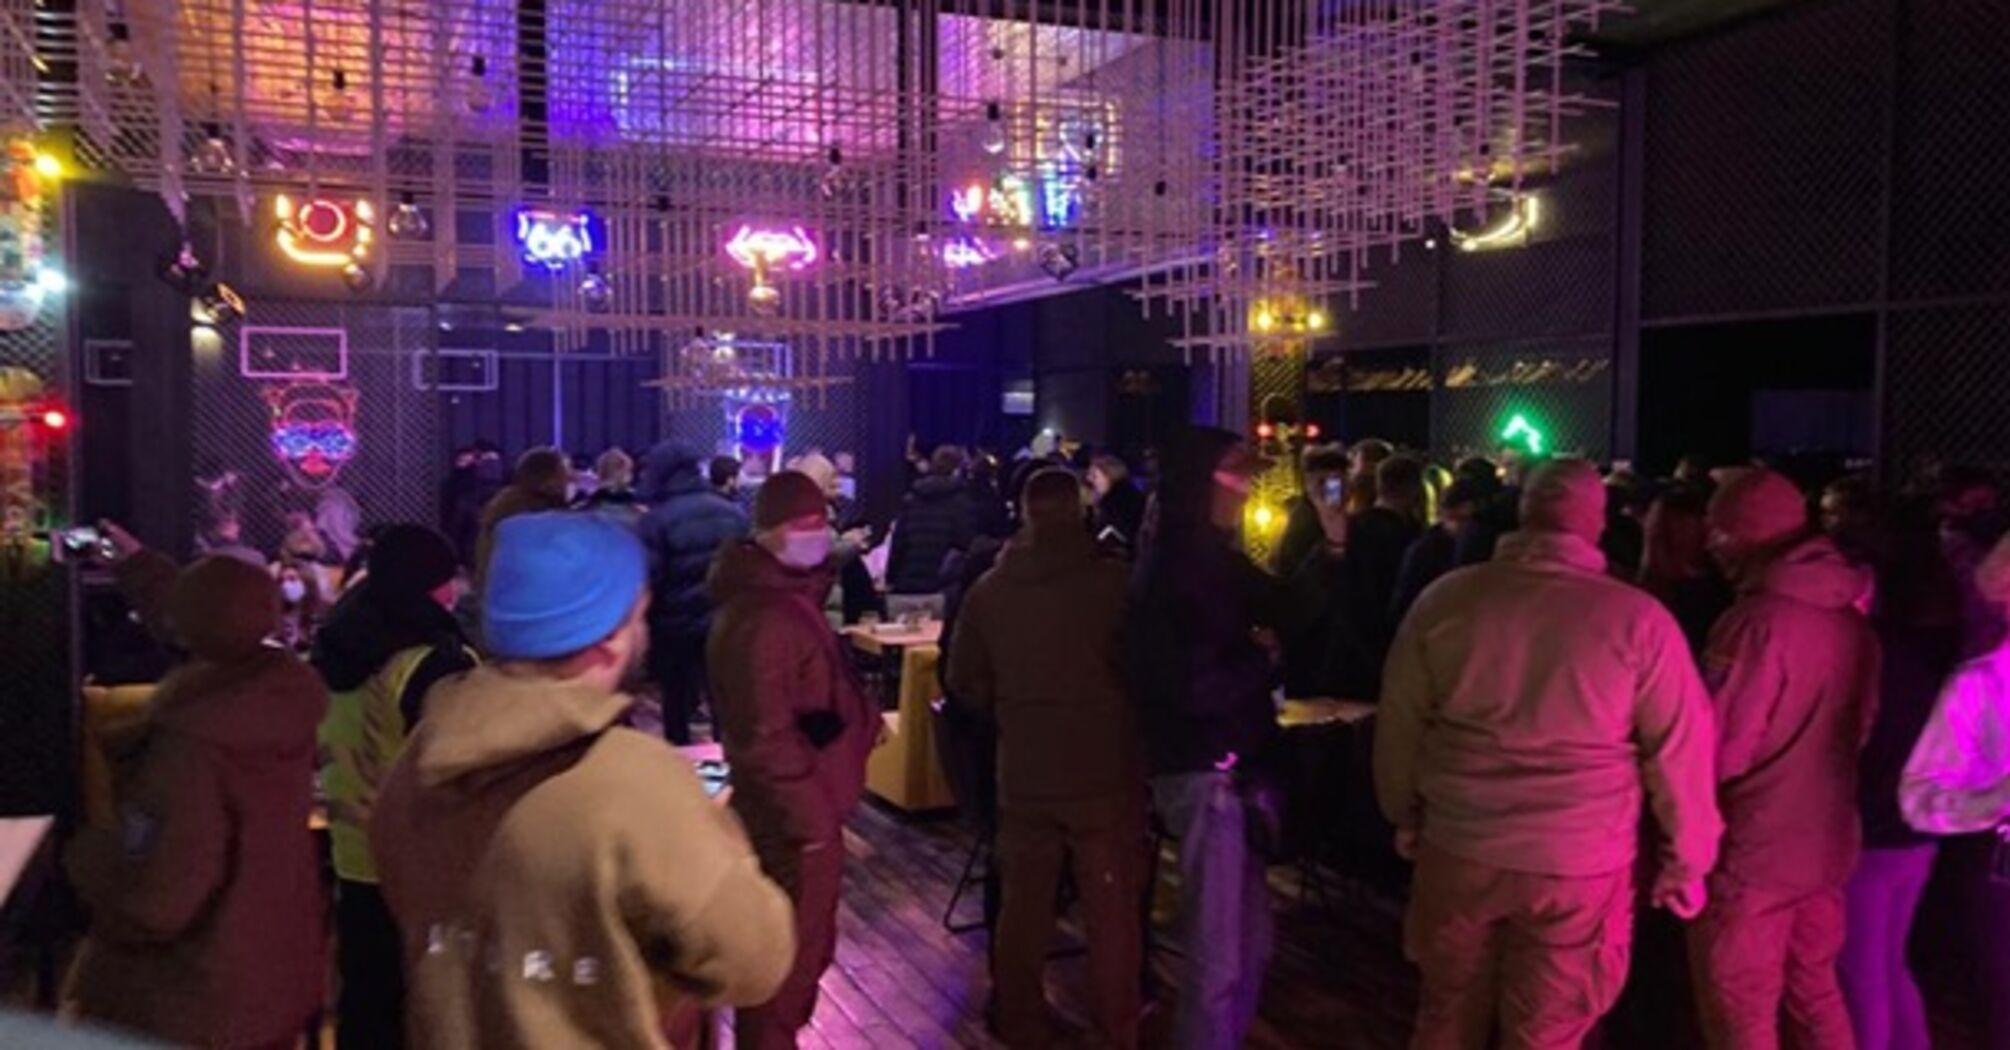 В Киеве полиция закрыла ночной клуб, в котором обнаружила 500 посетителей